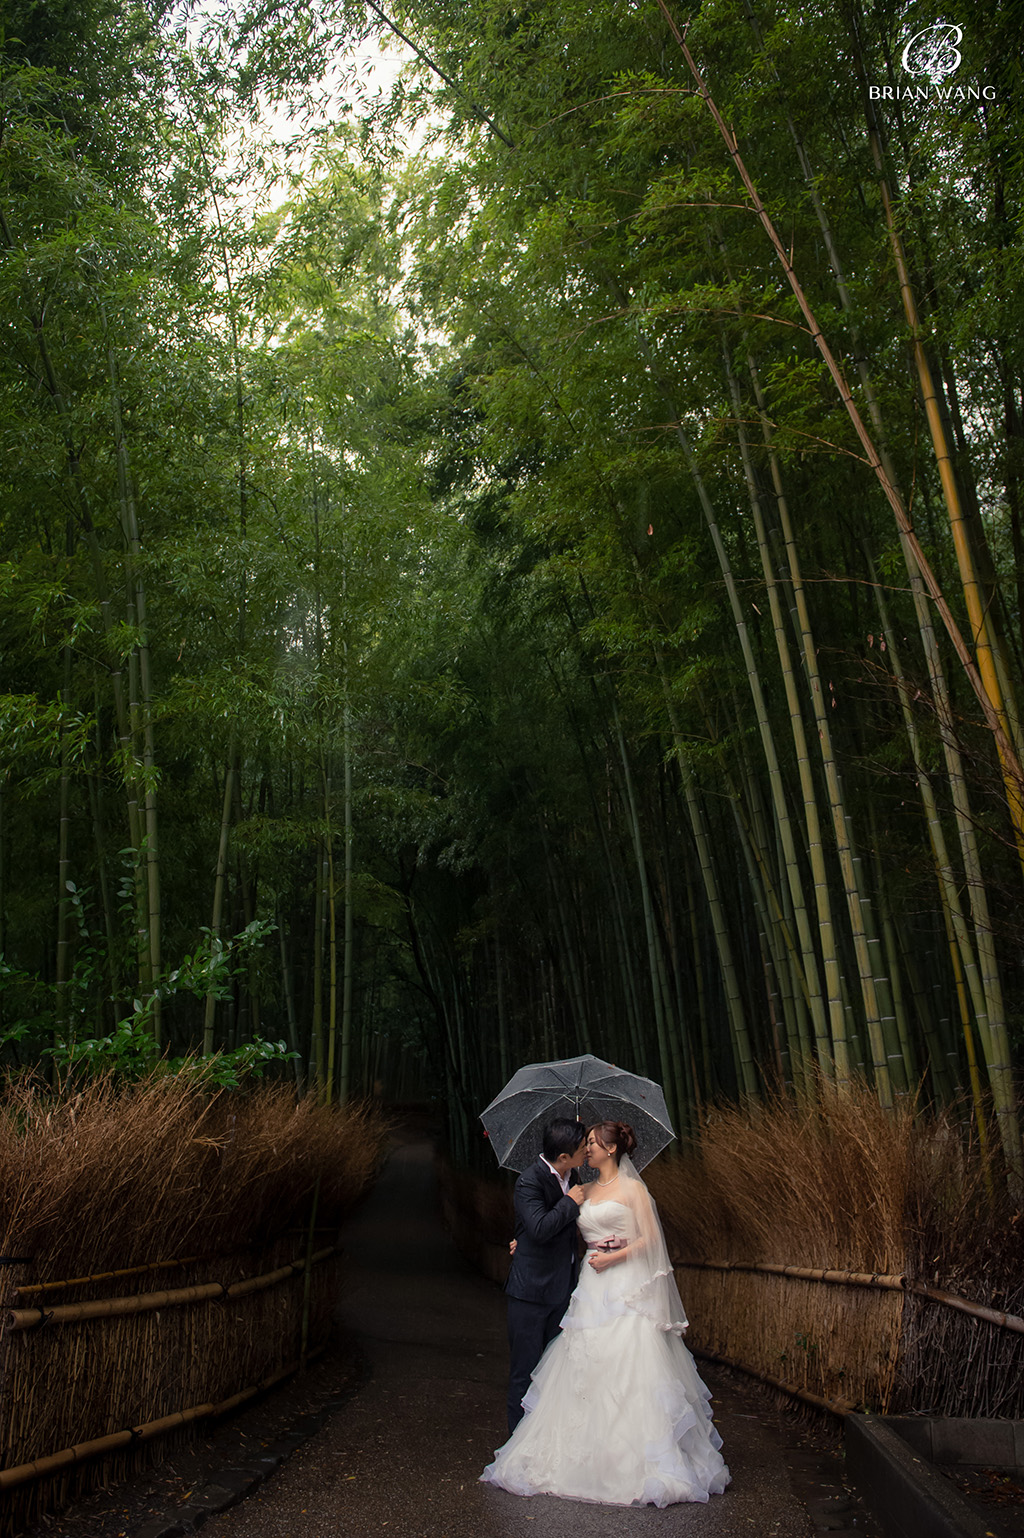 '京都海外婚紗,京都婚紗攝影,京都櫻花婚紗,京都婚紗價格,京都婚紗景點,京都楓葉婚紗,BWS_1769'